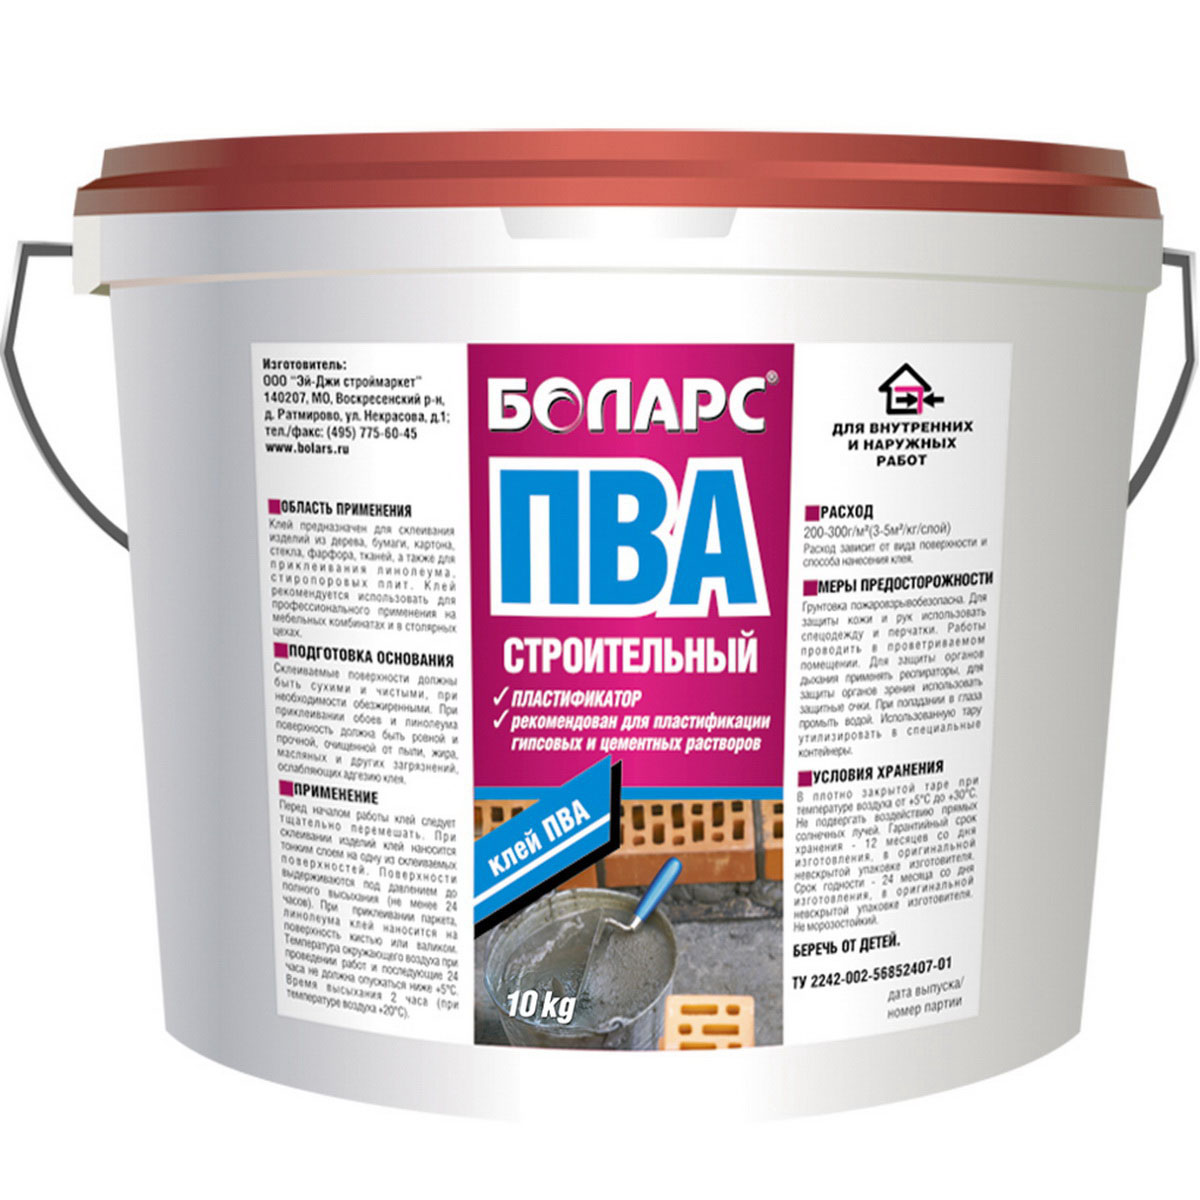 Клей ПВА Боларс, пластификатор, 10 кг106-026Клей ПВА Боларс предназначен для пластификации строительных растворов. Может применяться в цементных, гипсовых составах для повышения эластичности и адгезии используемых растворов. Подходит для внутренних и наружных работ. Состав: поливинилацетатная дисперсия, технологические добавки, вода.Цвет: белый.pH: 5,5-7,0.Расход: 200-300 г/л.Морозостойкость: 5 циклов.Температура проведения работ: +5°С +30°С.Температура эксплуатации: +5°С +40°С.Размораживать продукт следует при комнатной температуре в оригинальной таре изготовителя. Гарантийный срок хранения – 12 месяцев со дня изготовления, в оригинальной невскрытой упаковке изготовителя.Срок годности – 24 месяца со дня изготовления, в оригинальной невскрытой упаковке изготовителя.